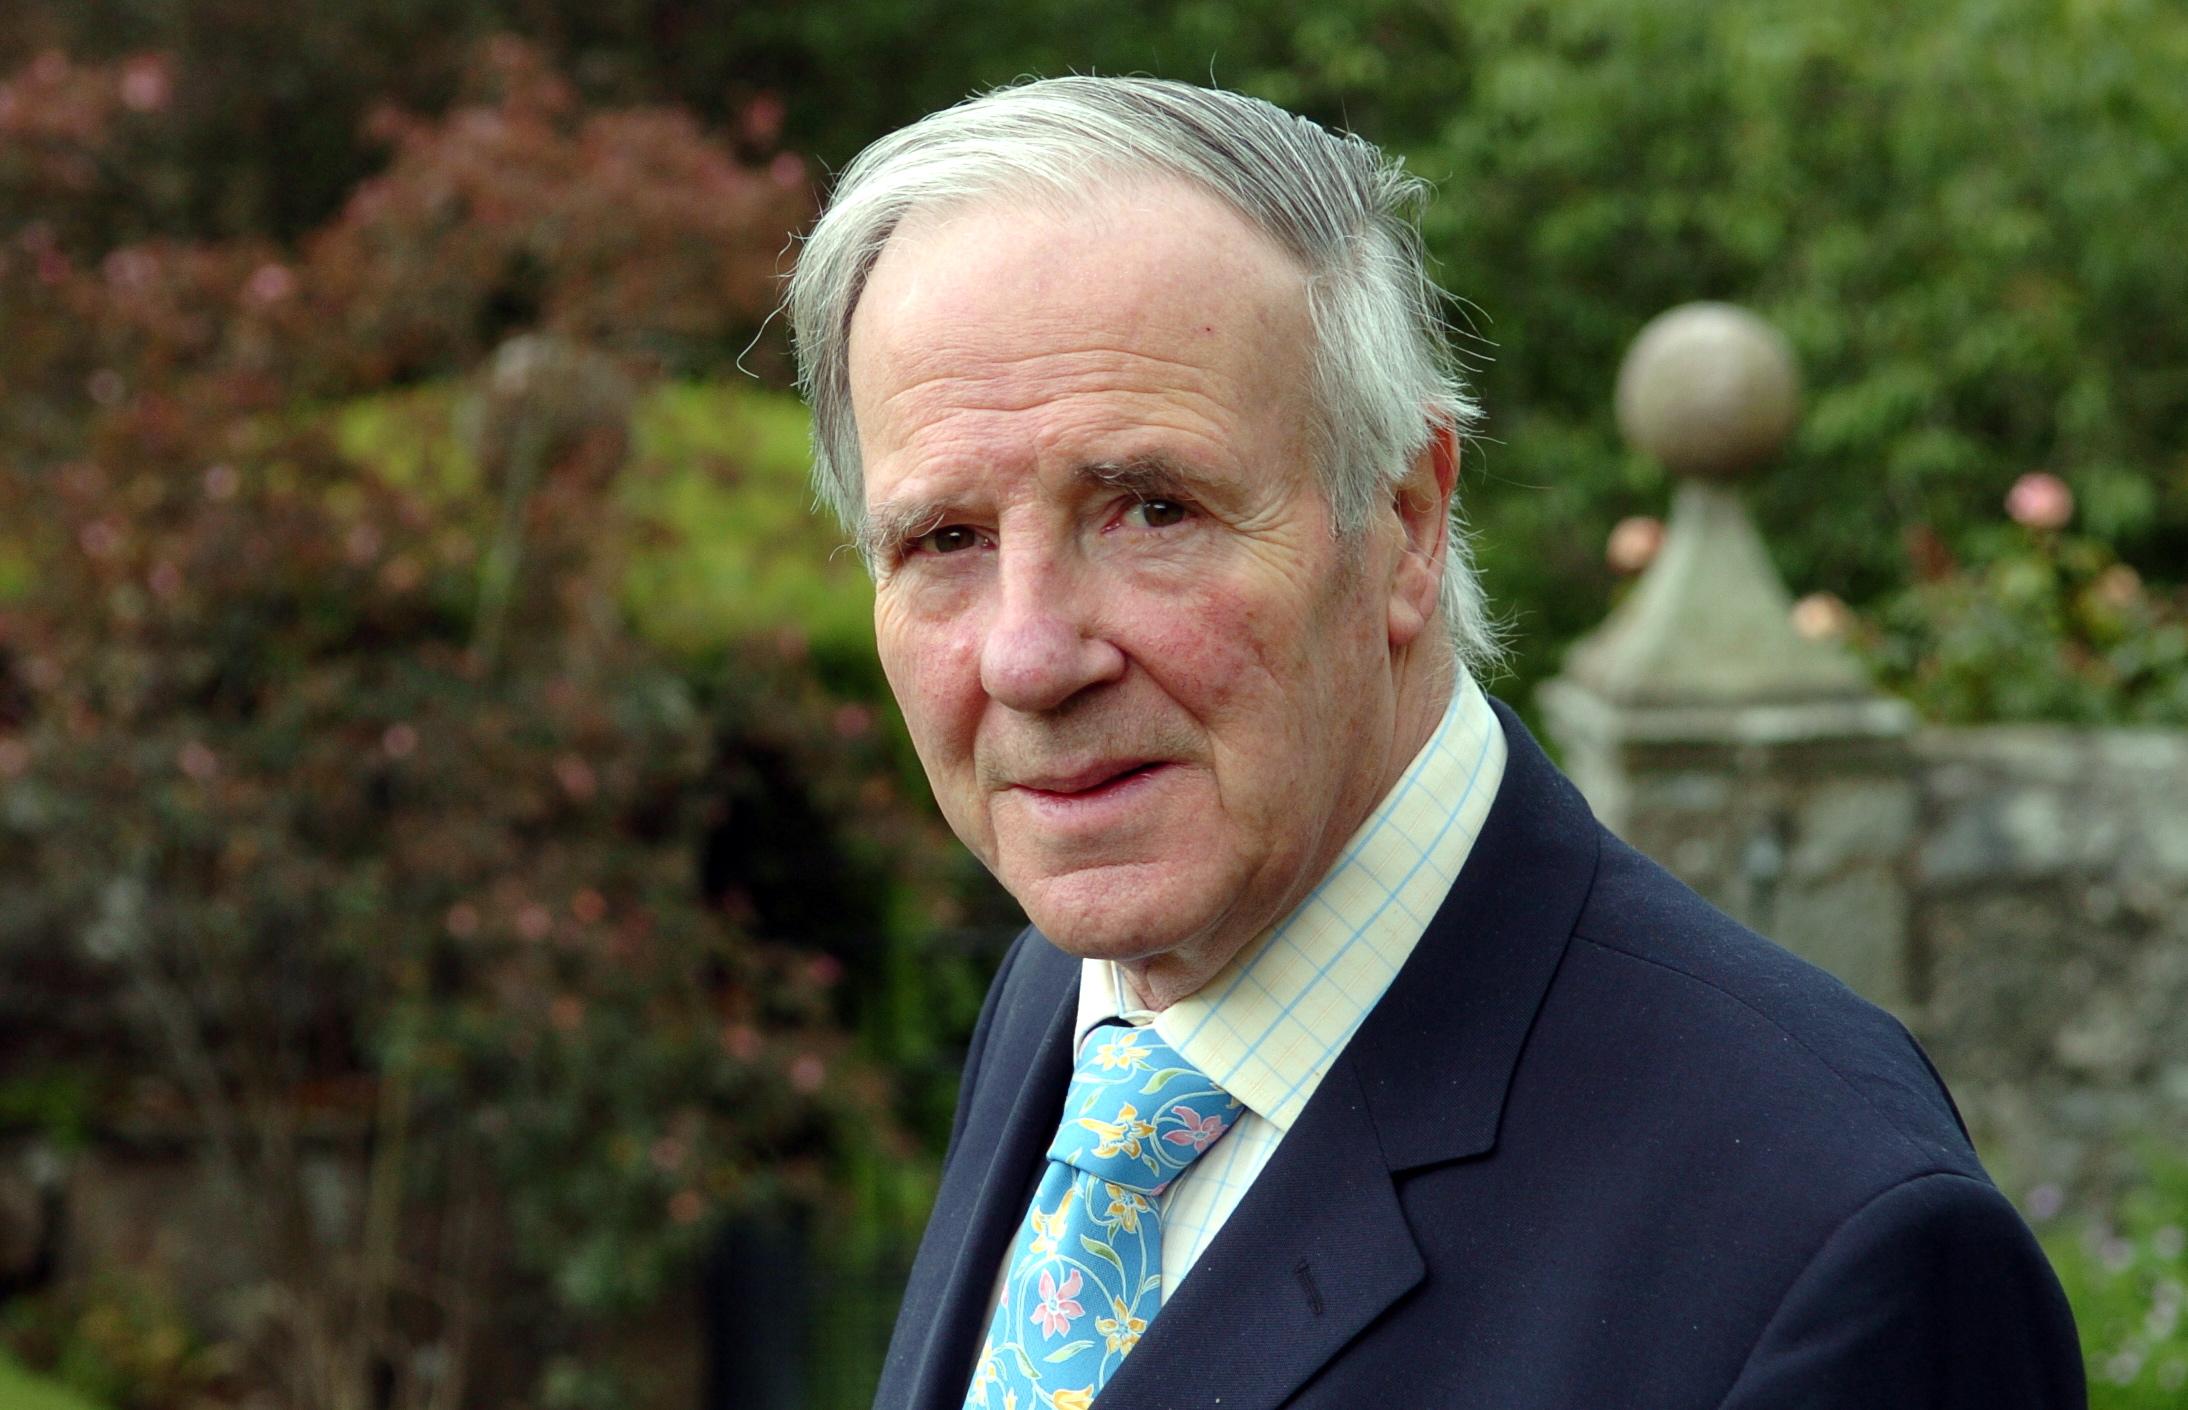 David Paton of the Grandhome Estate